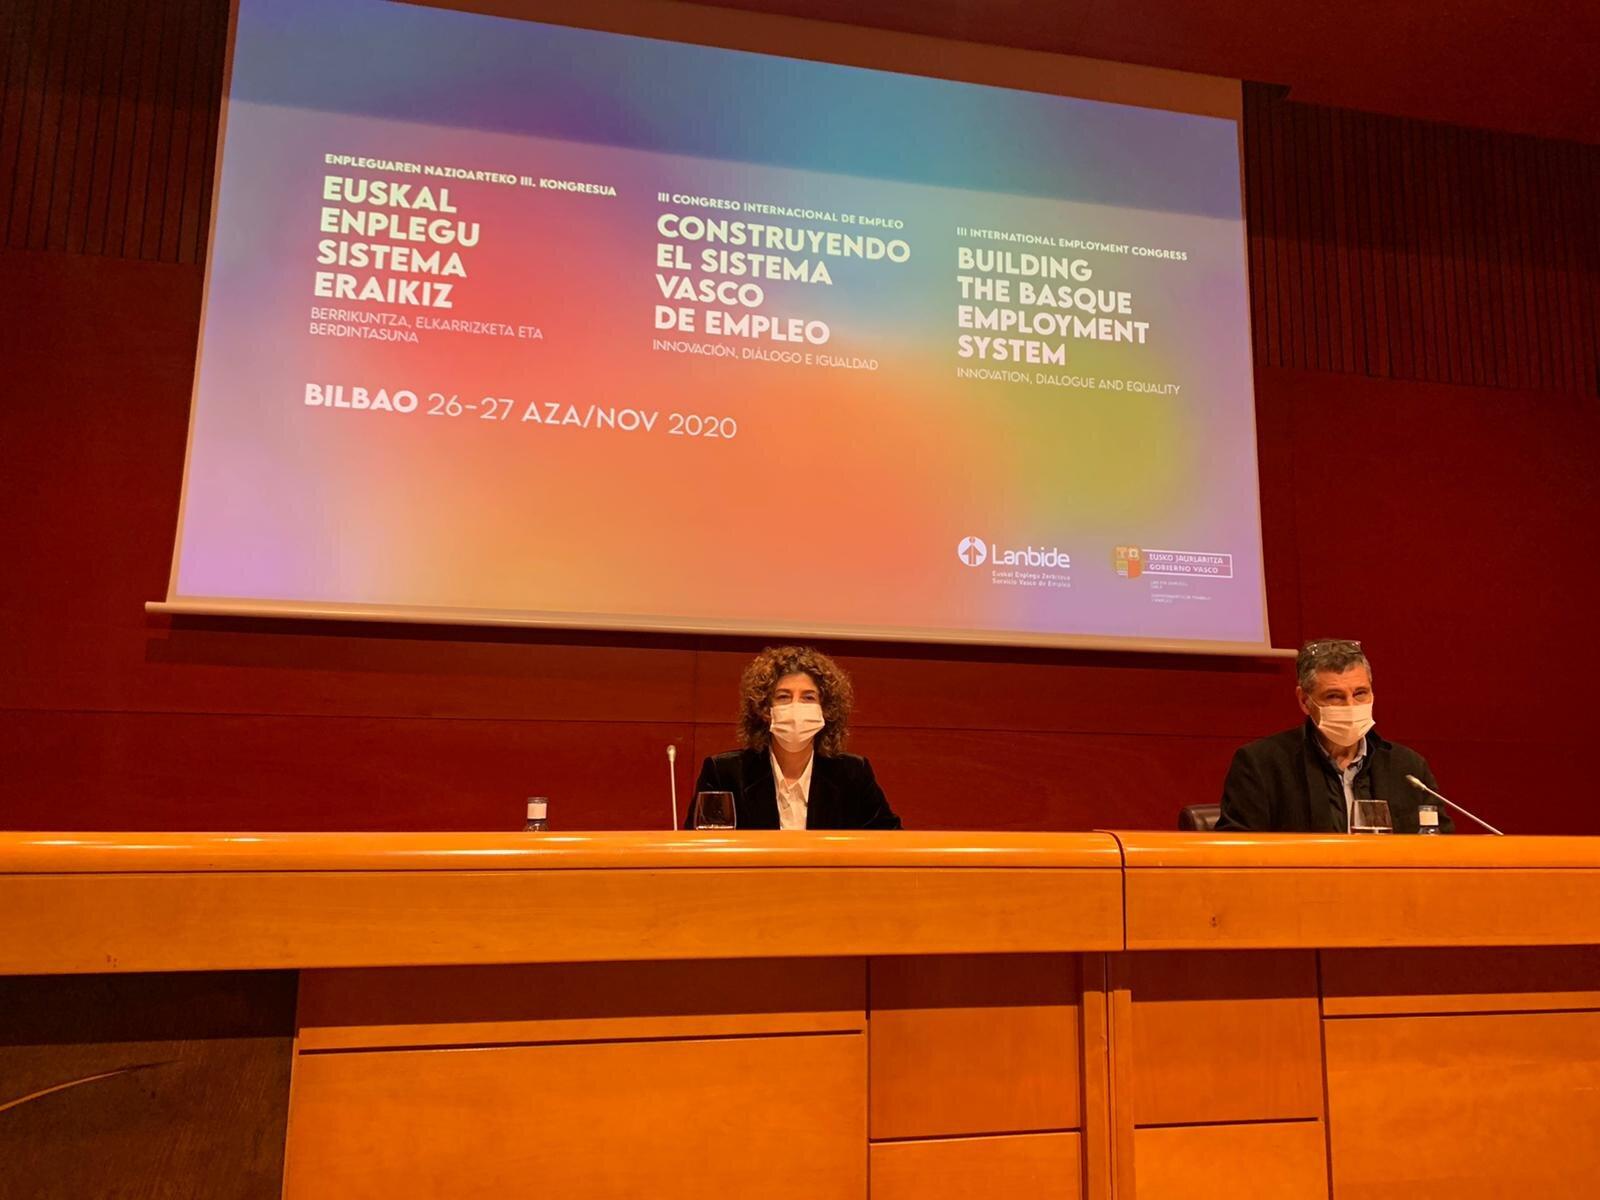 El III Congreso de Empleo de Euskadi sentará las bases en las que construir el Sistema Vasco de Empleo [8:22]